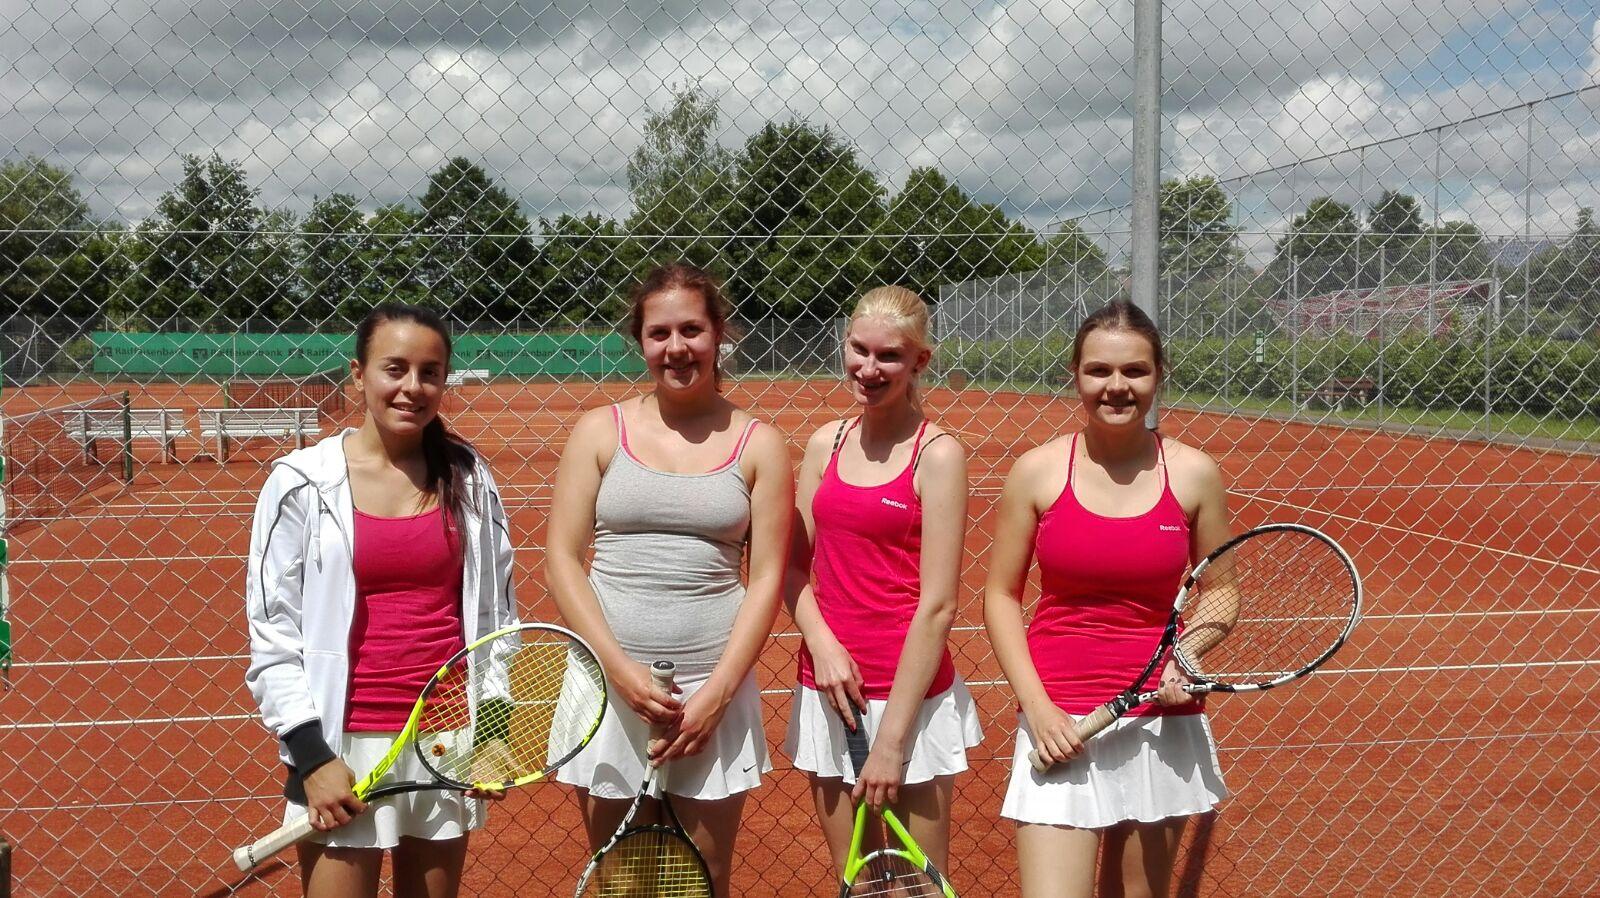 sicherer aufschlag beim tennis